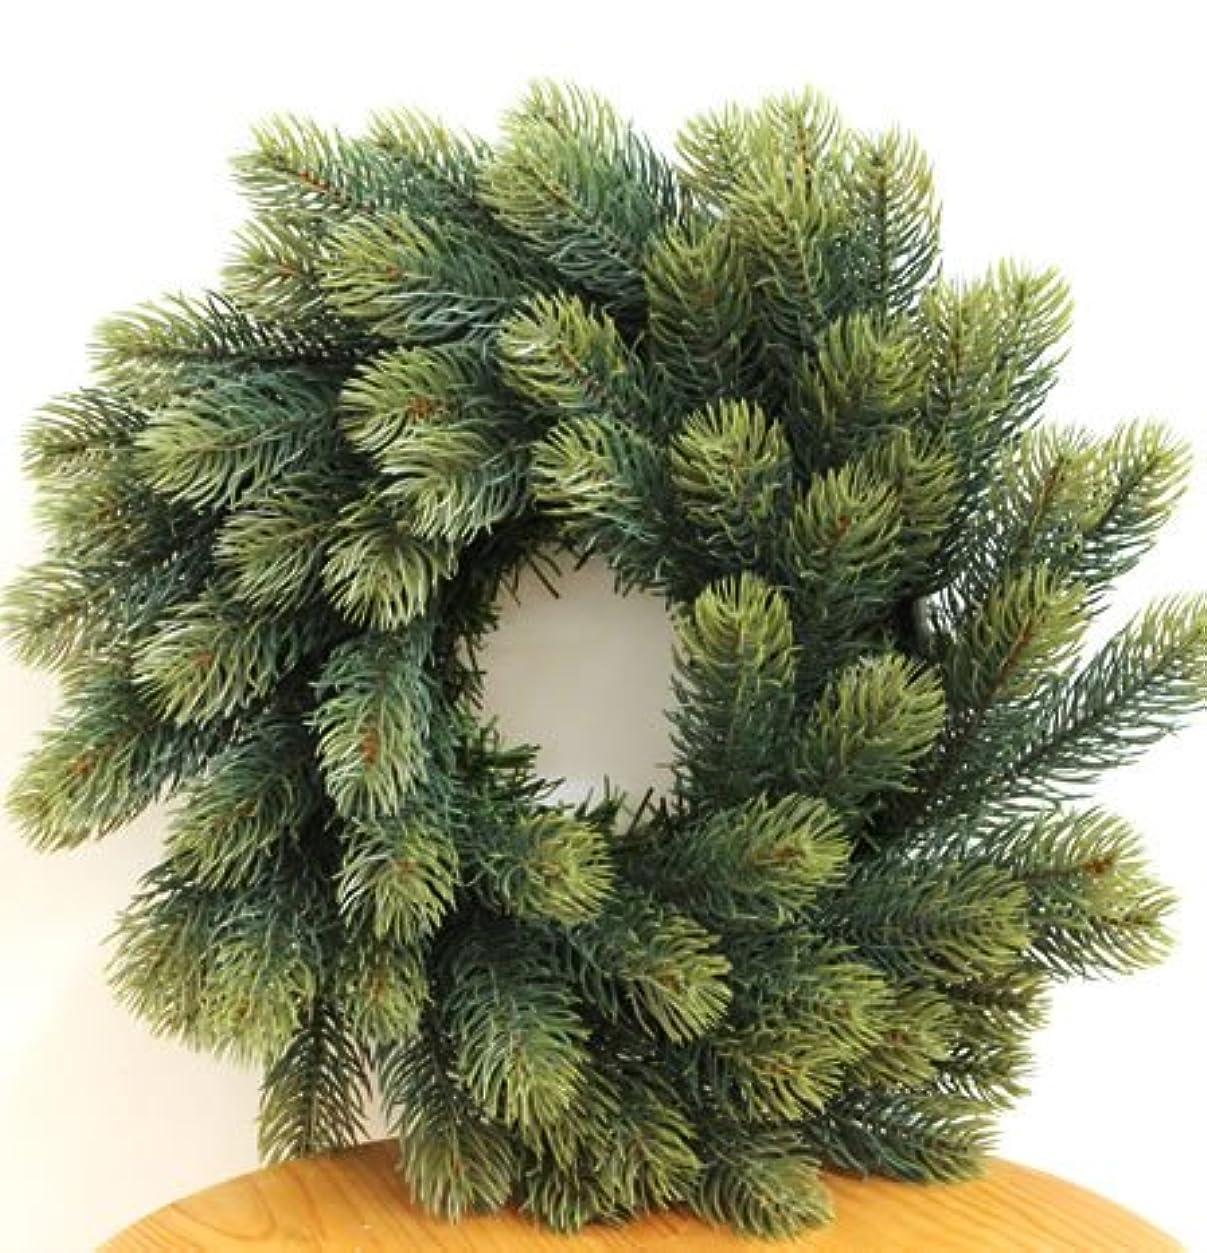 事官僚そのようなプラスティフロア社 PLASTIFLOR / RS GLOBAL TRADE クリスマスツリー 【クリスマスリース】